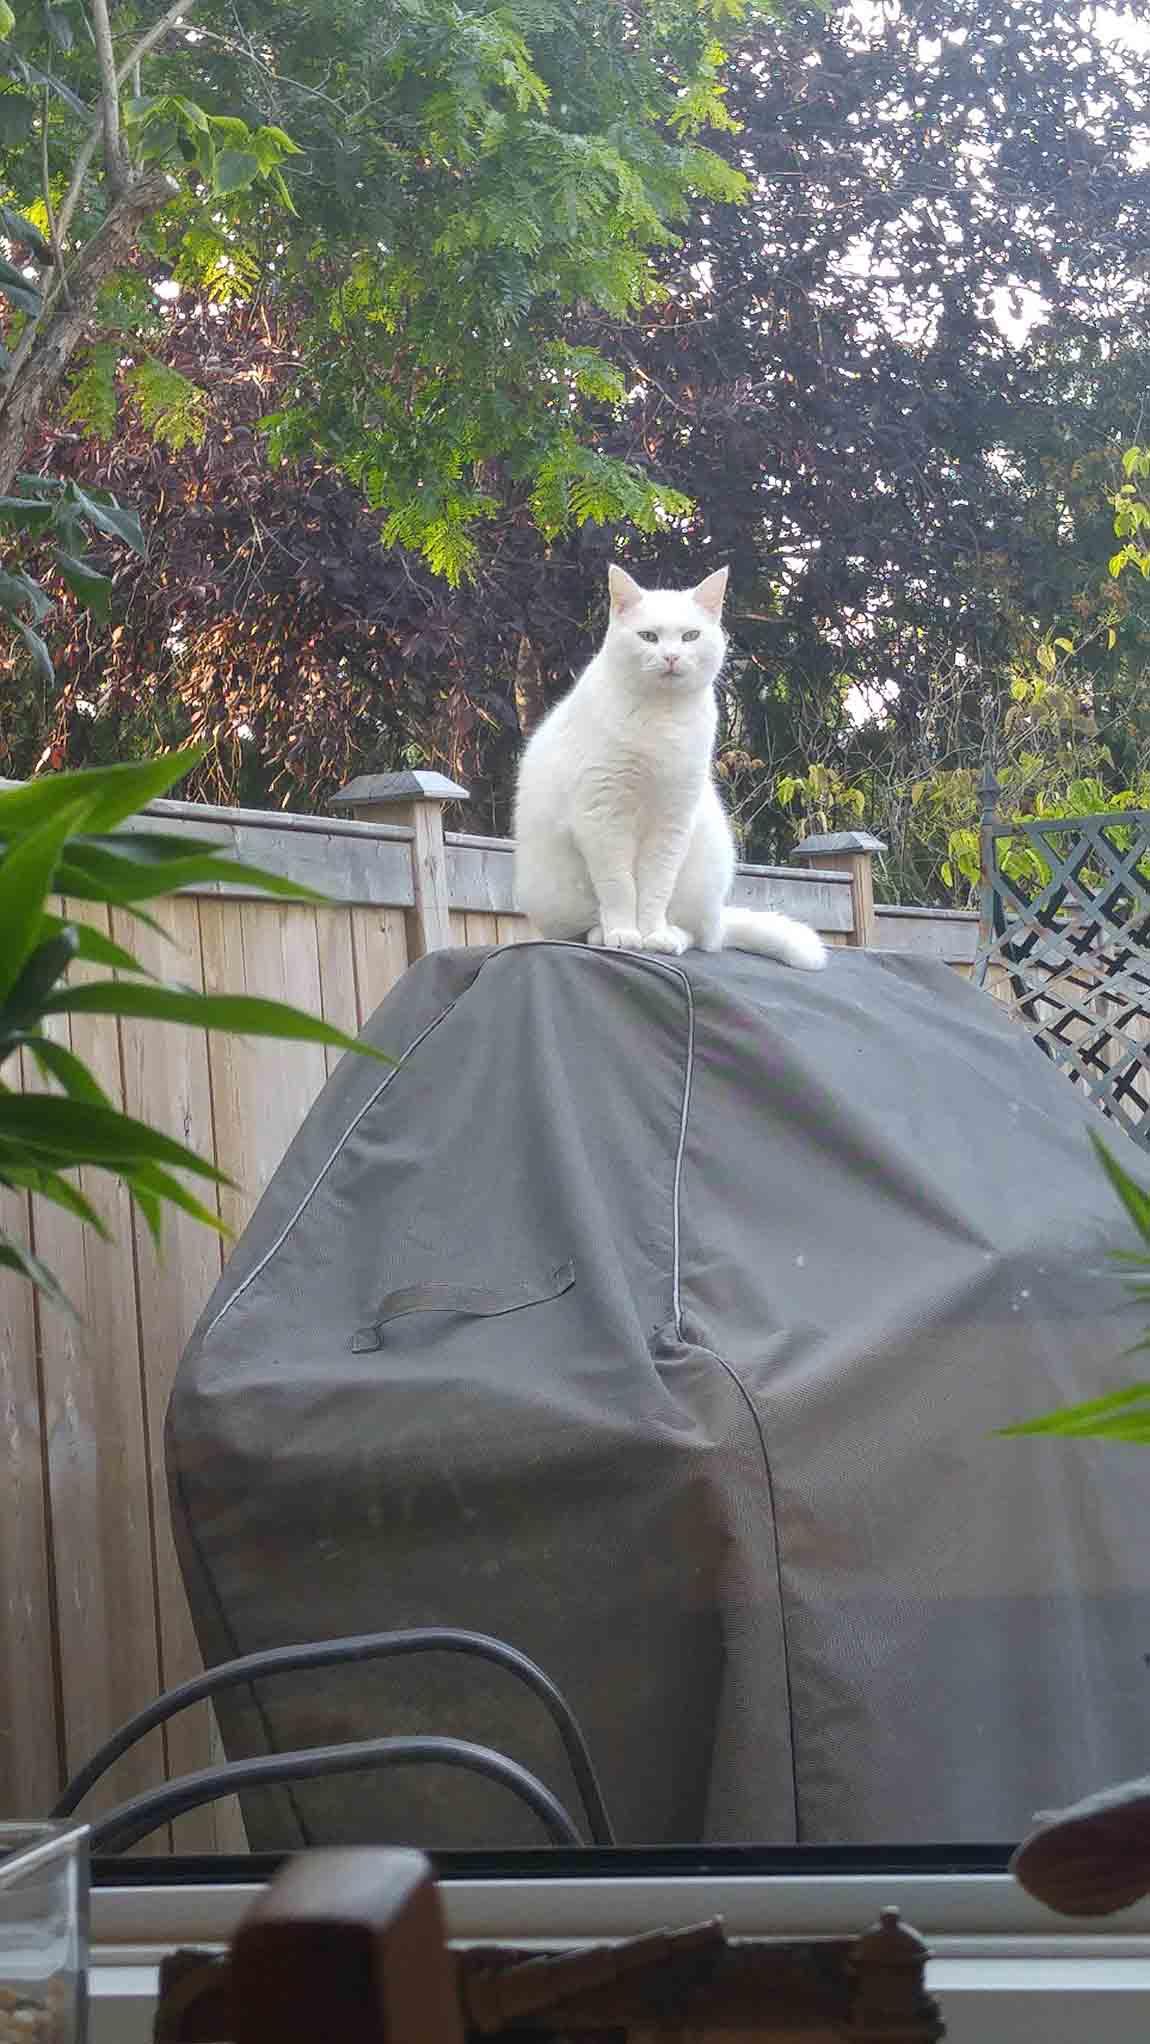 Gato visita a su vecino a diario